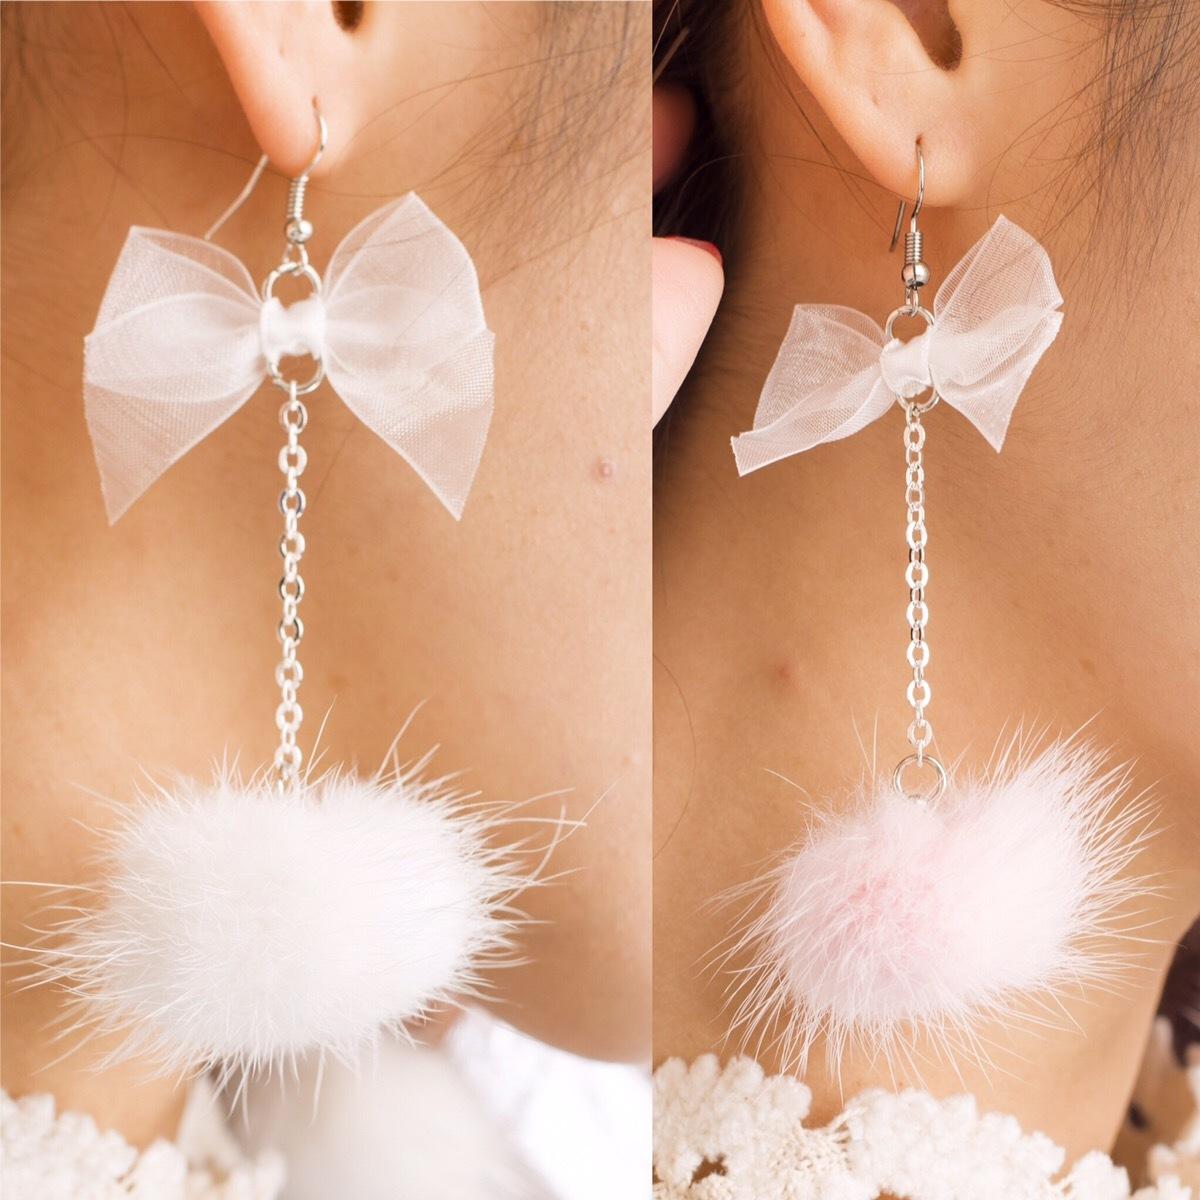 リボン×ふわふわファーピアス ホワイト・ベビーピンク2色